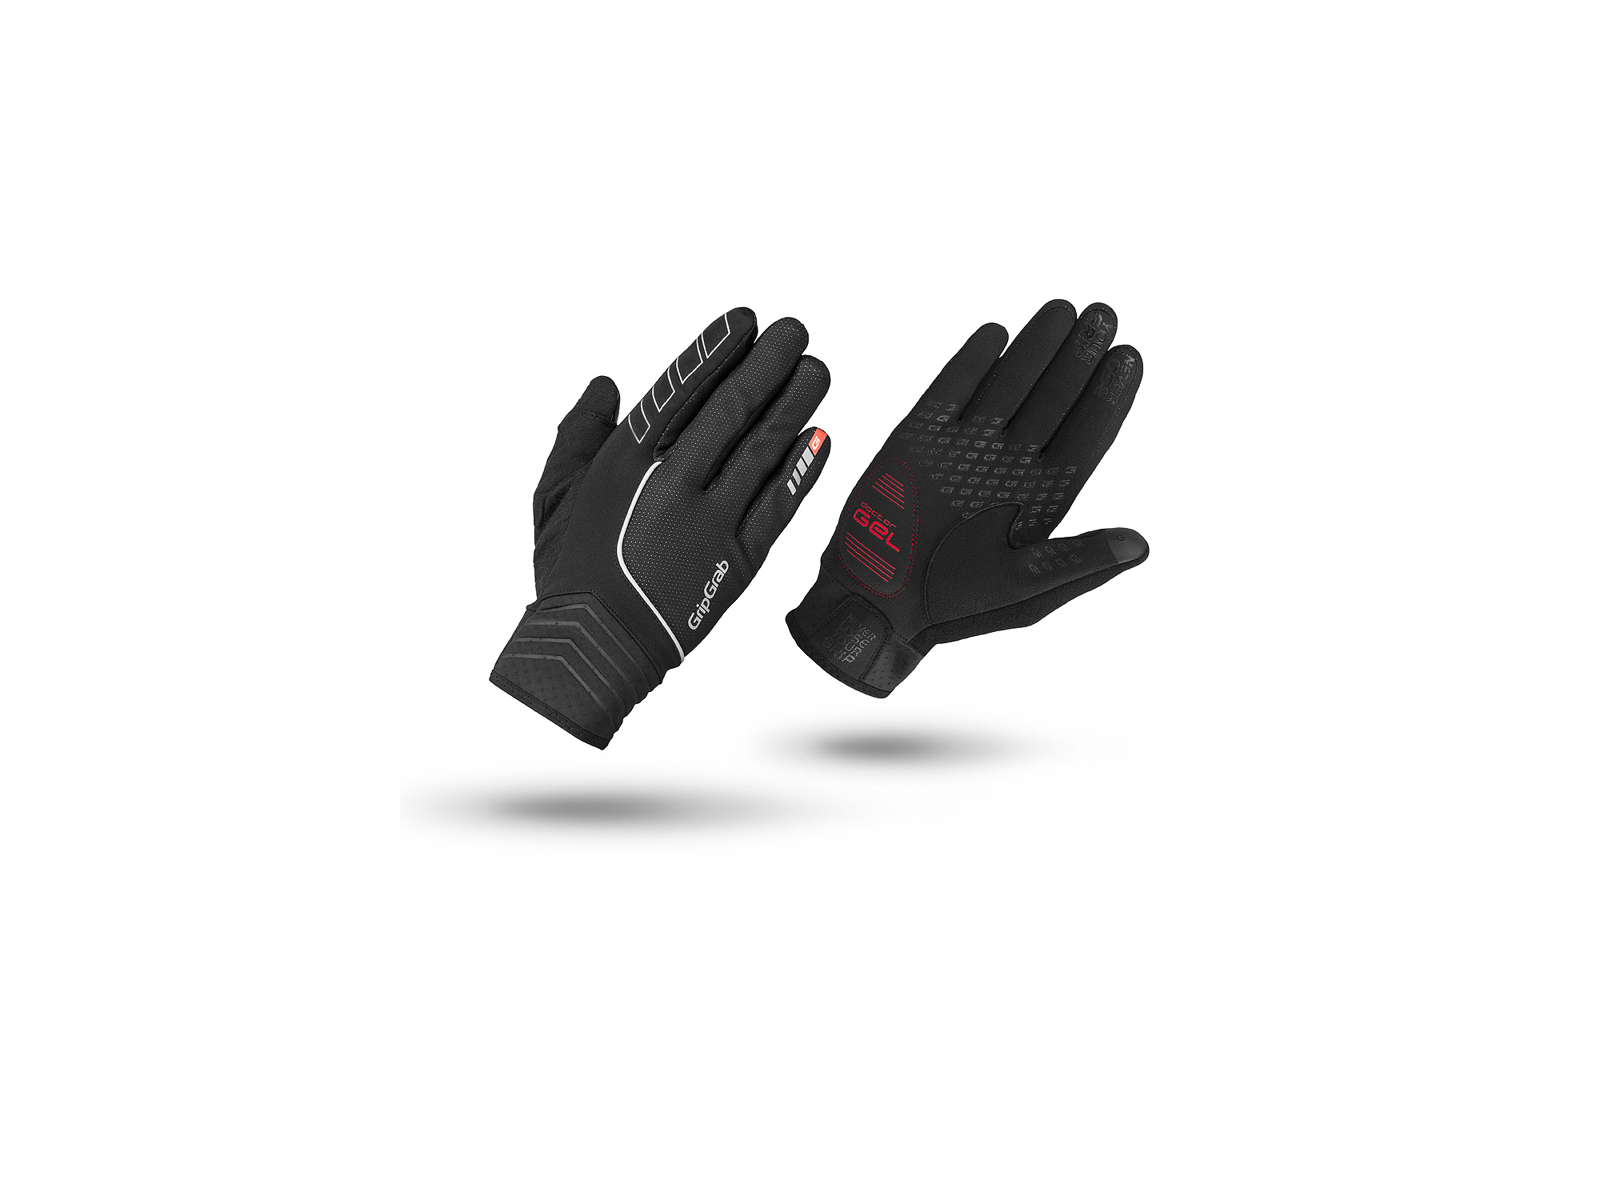 Handsker til vinter